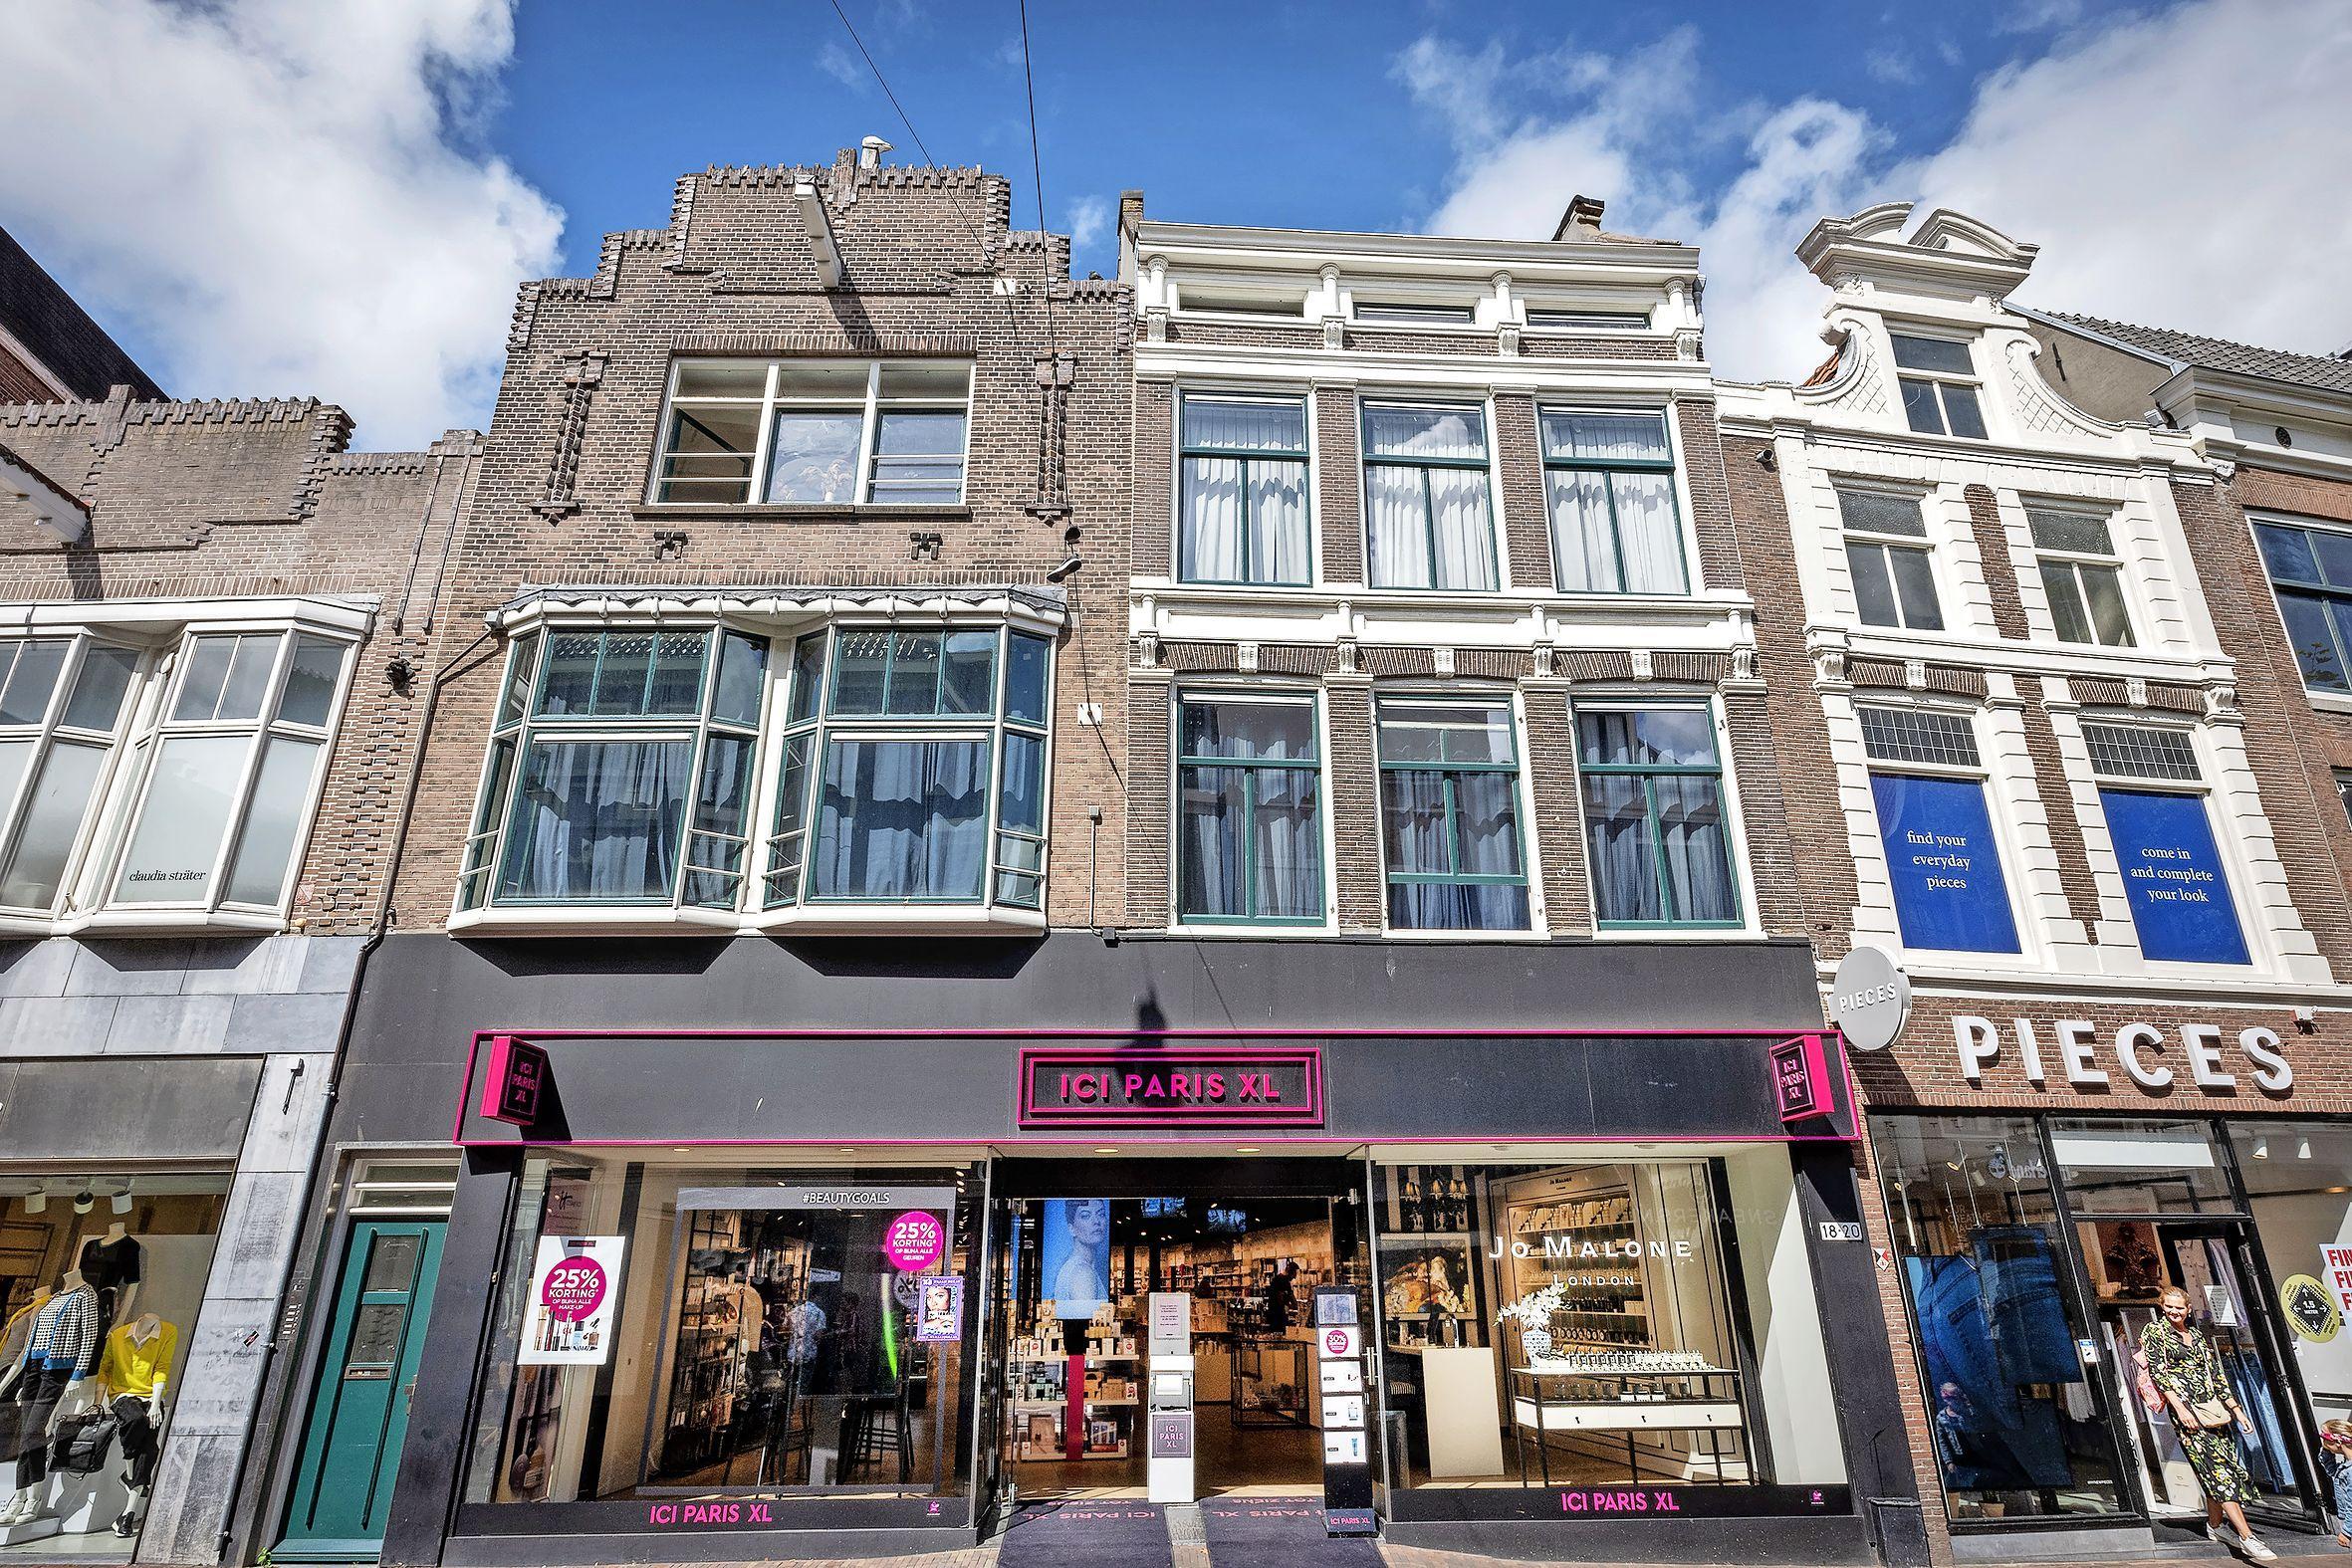 Extern bureau start onderzoek naar onteigend Joods vastgoed in Haarlem